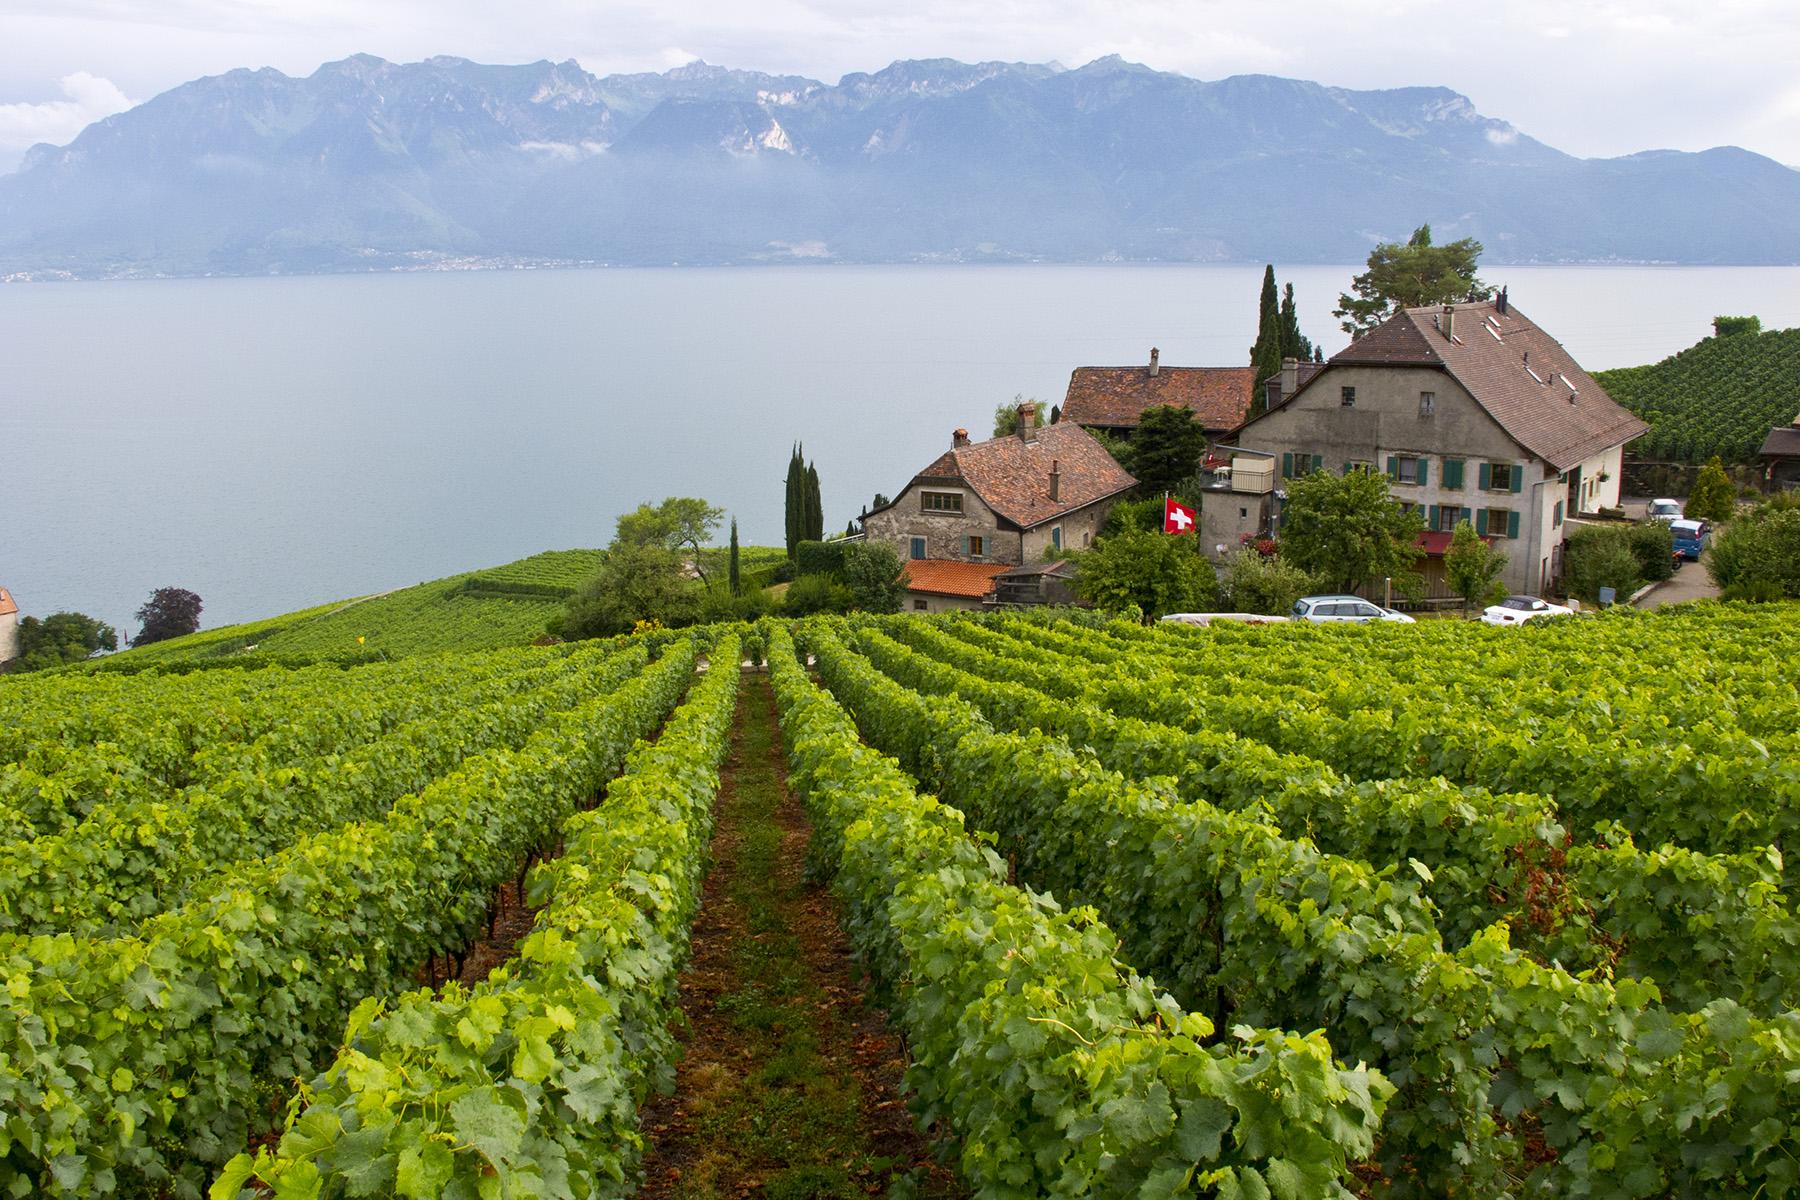 A vineyard in the Lavaux region